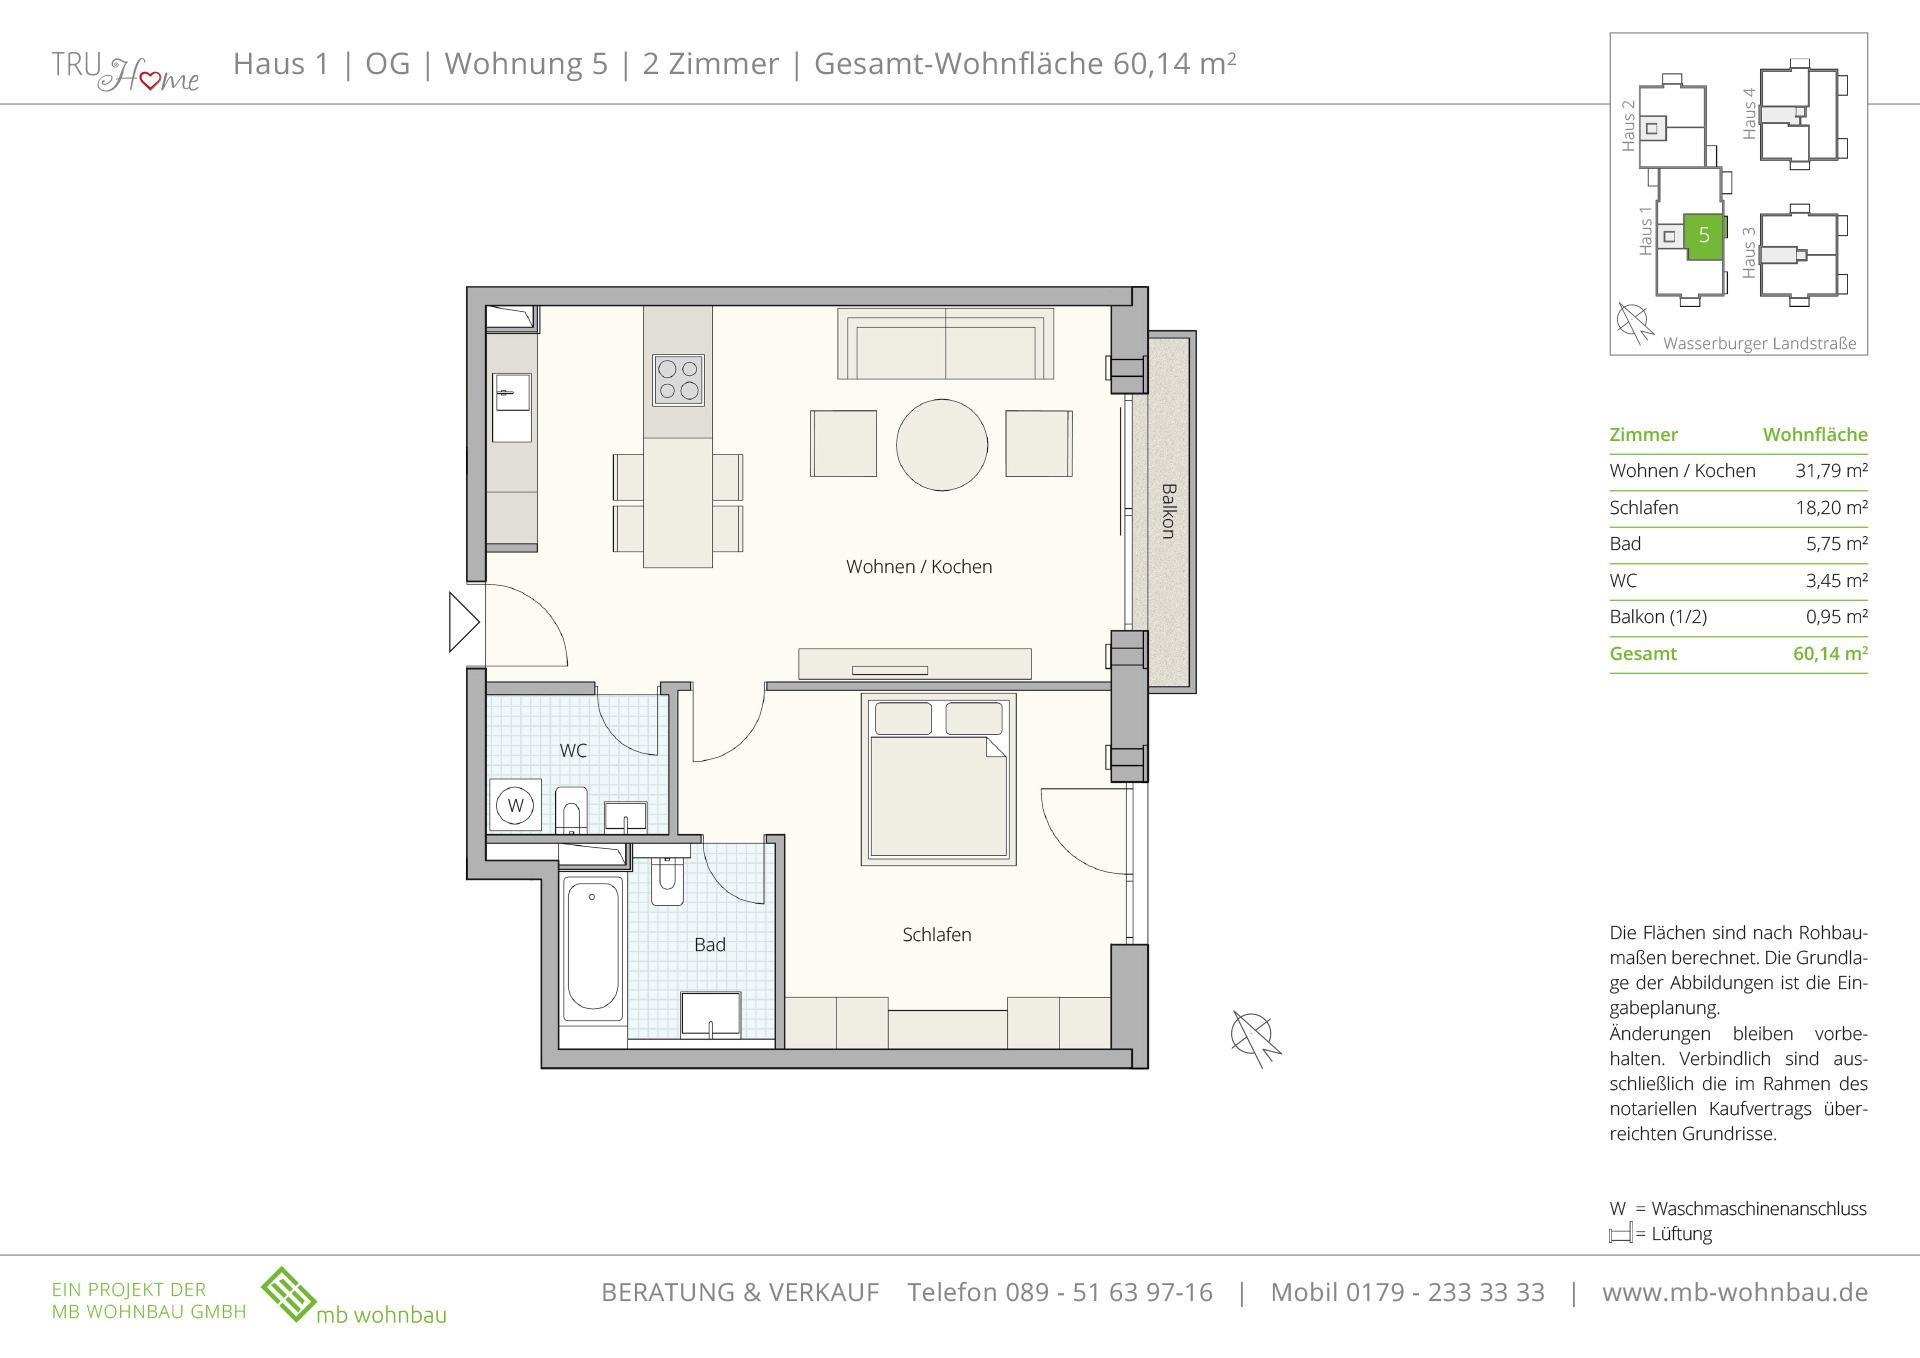 eigentumswohnungen trudering mb wohnbau m nchen. Black Bedroom Furniture Sets. Home Design Ideas